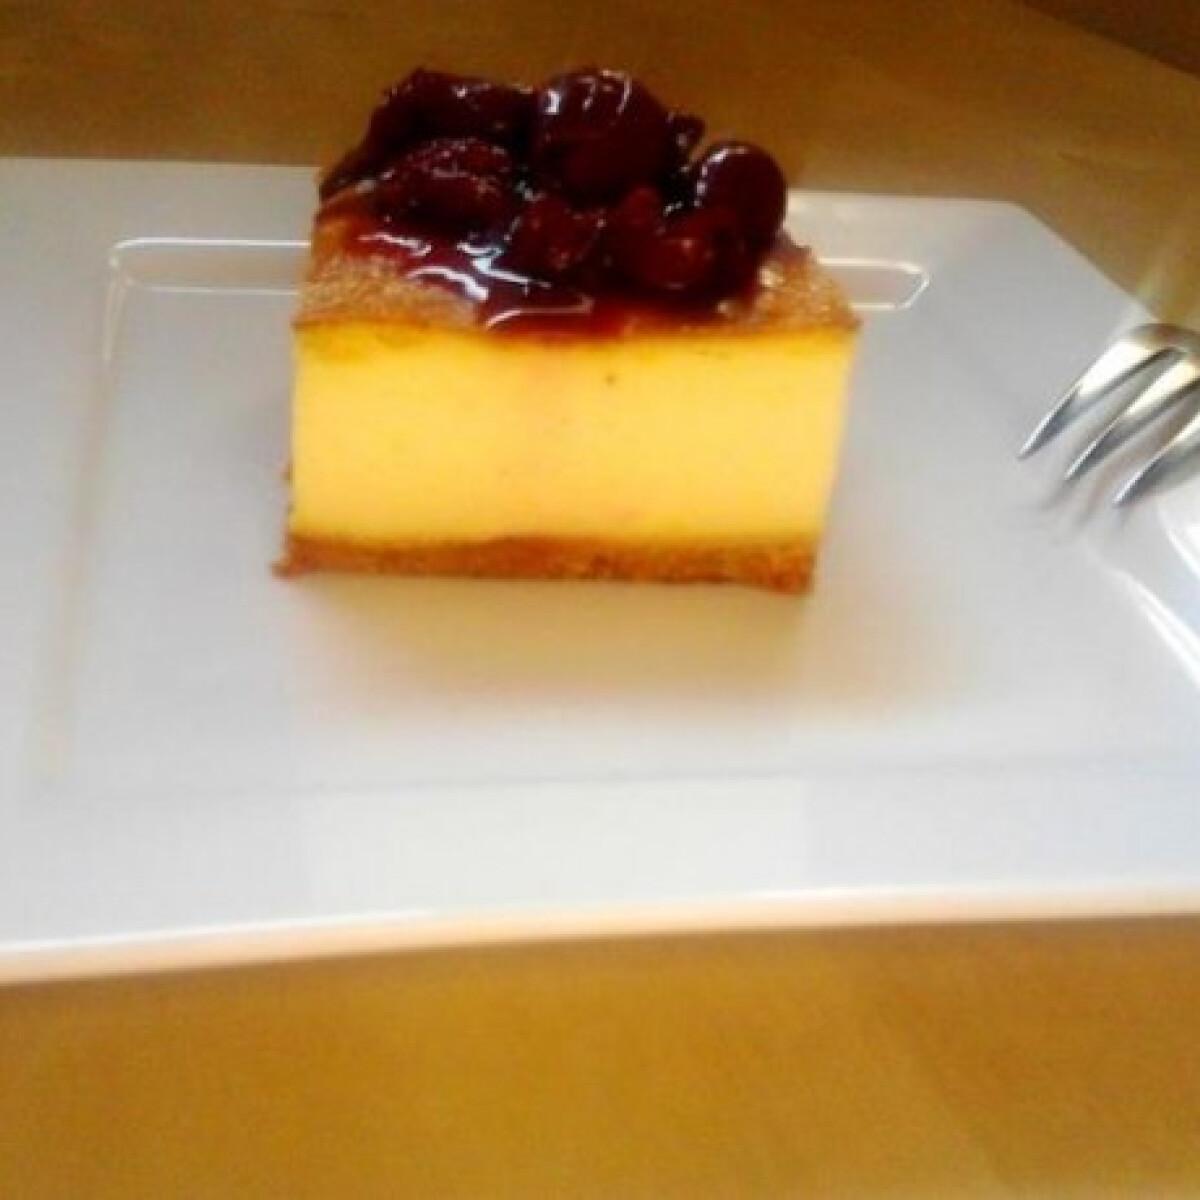 Ezen a képen: Diabetikus meggyes sült torta